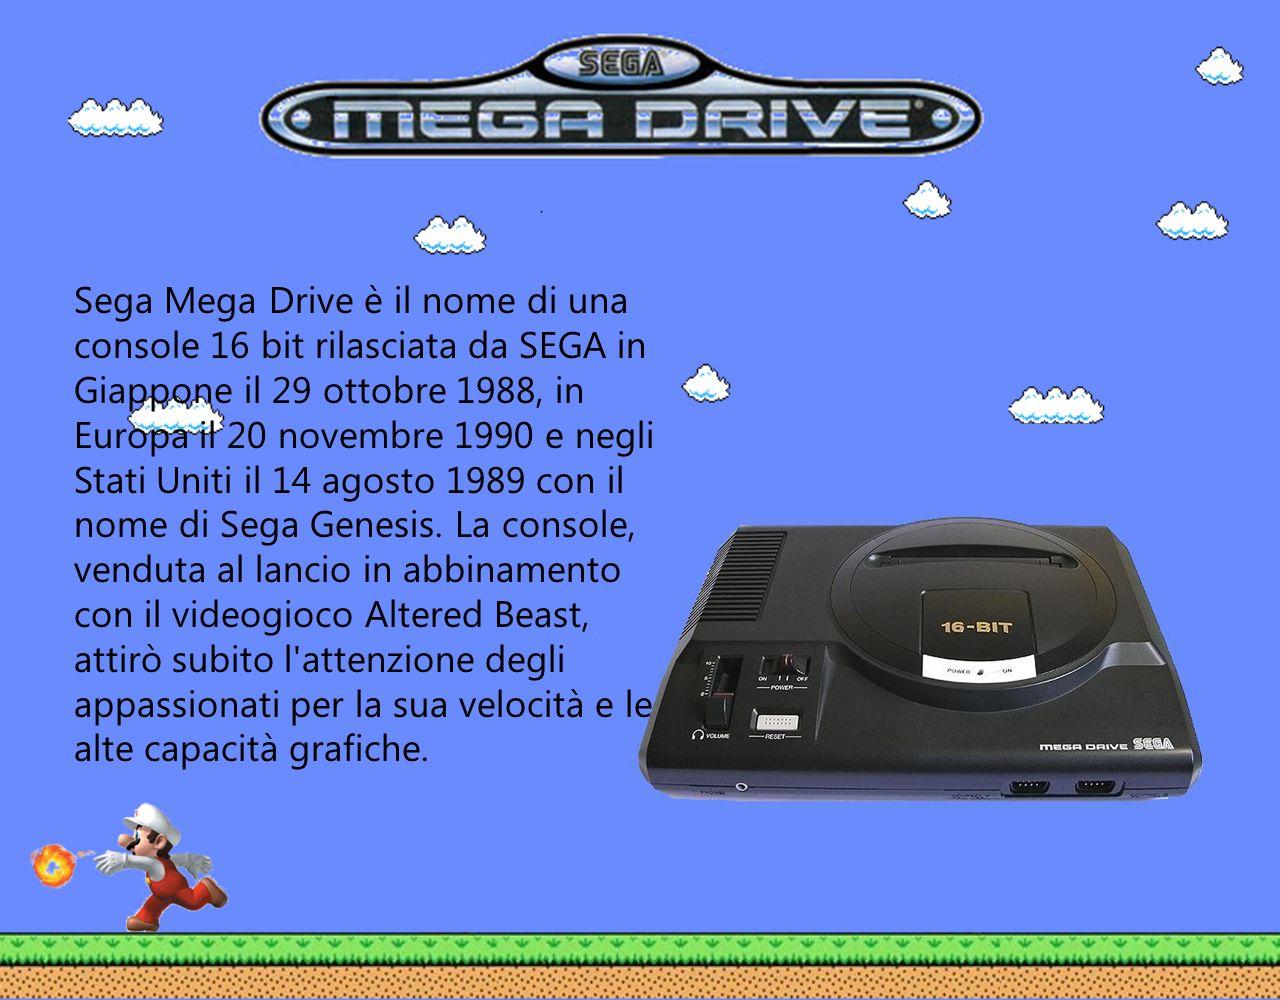 Sega Mega Drive è il nome di una console 16 bit rilasciata da SEGA in Giappone il 29 ottobre 1988, in Europa il 20 novembre 1990 e negli Stati Uniti i